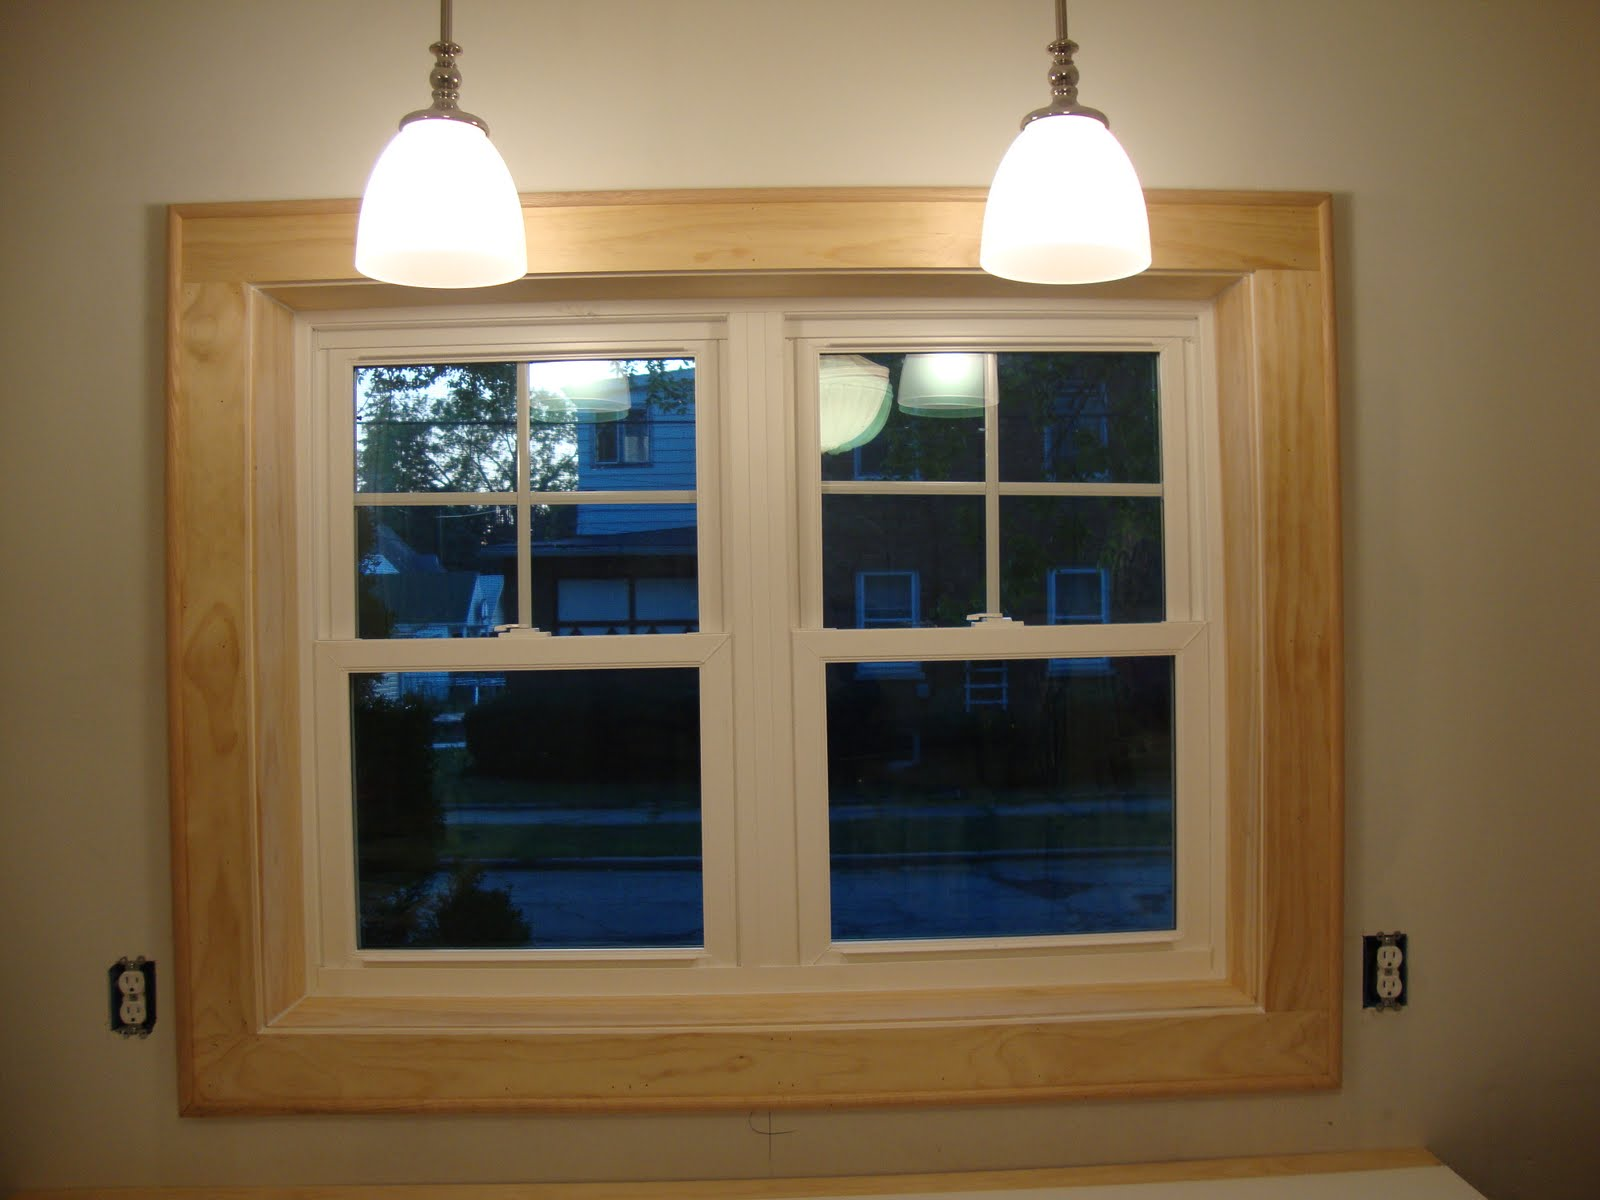 Interior kitchen window trim photos for Window kitchen